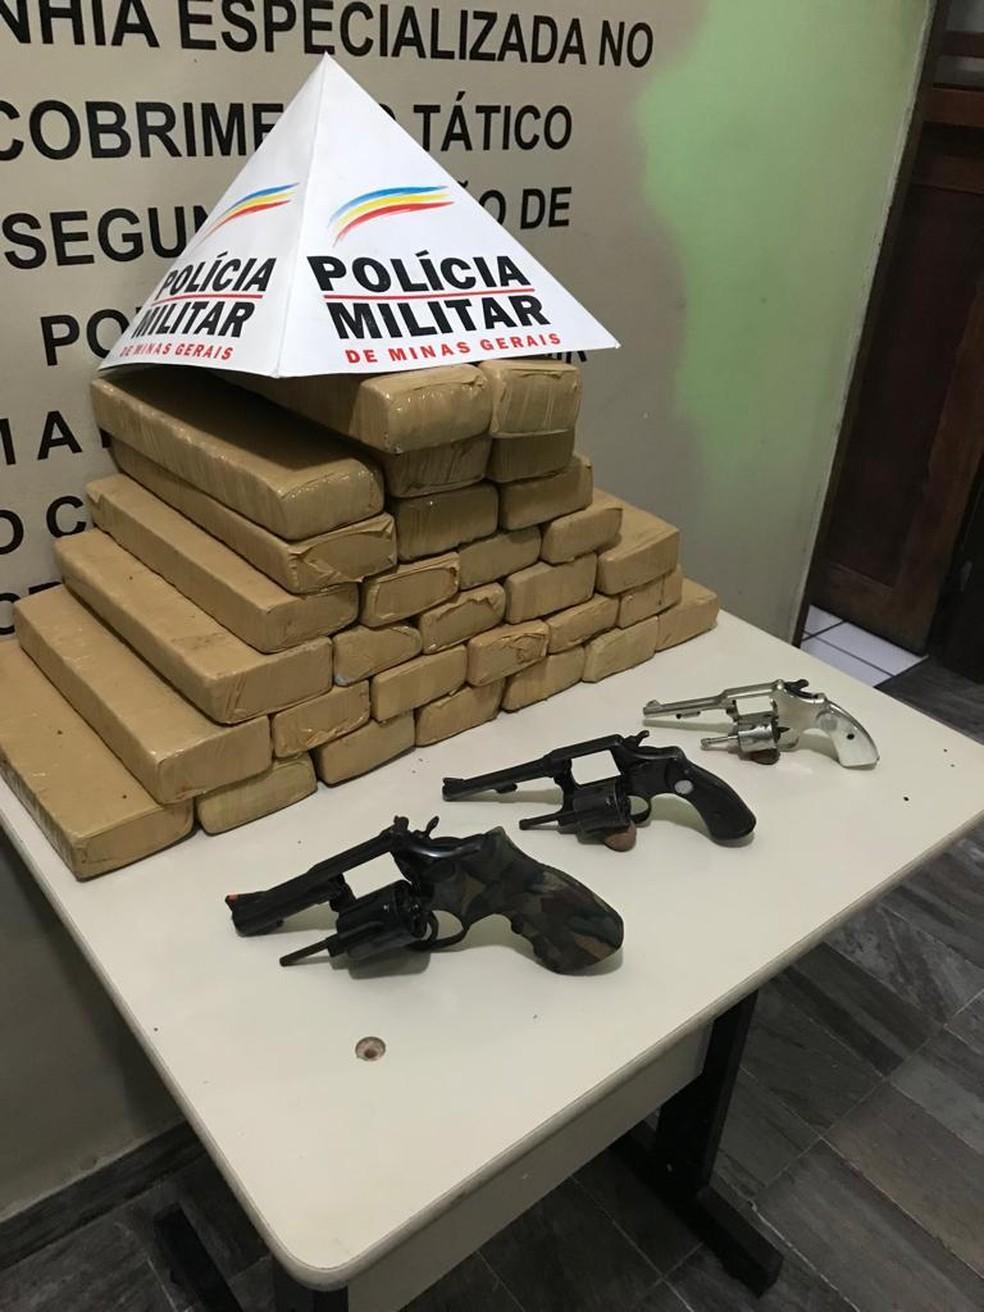 Polícia Militar apreende drogas e armas durante operação — Foto: Polícia Militar/Divulgação